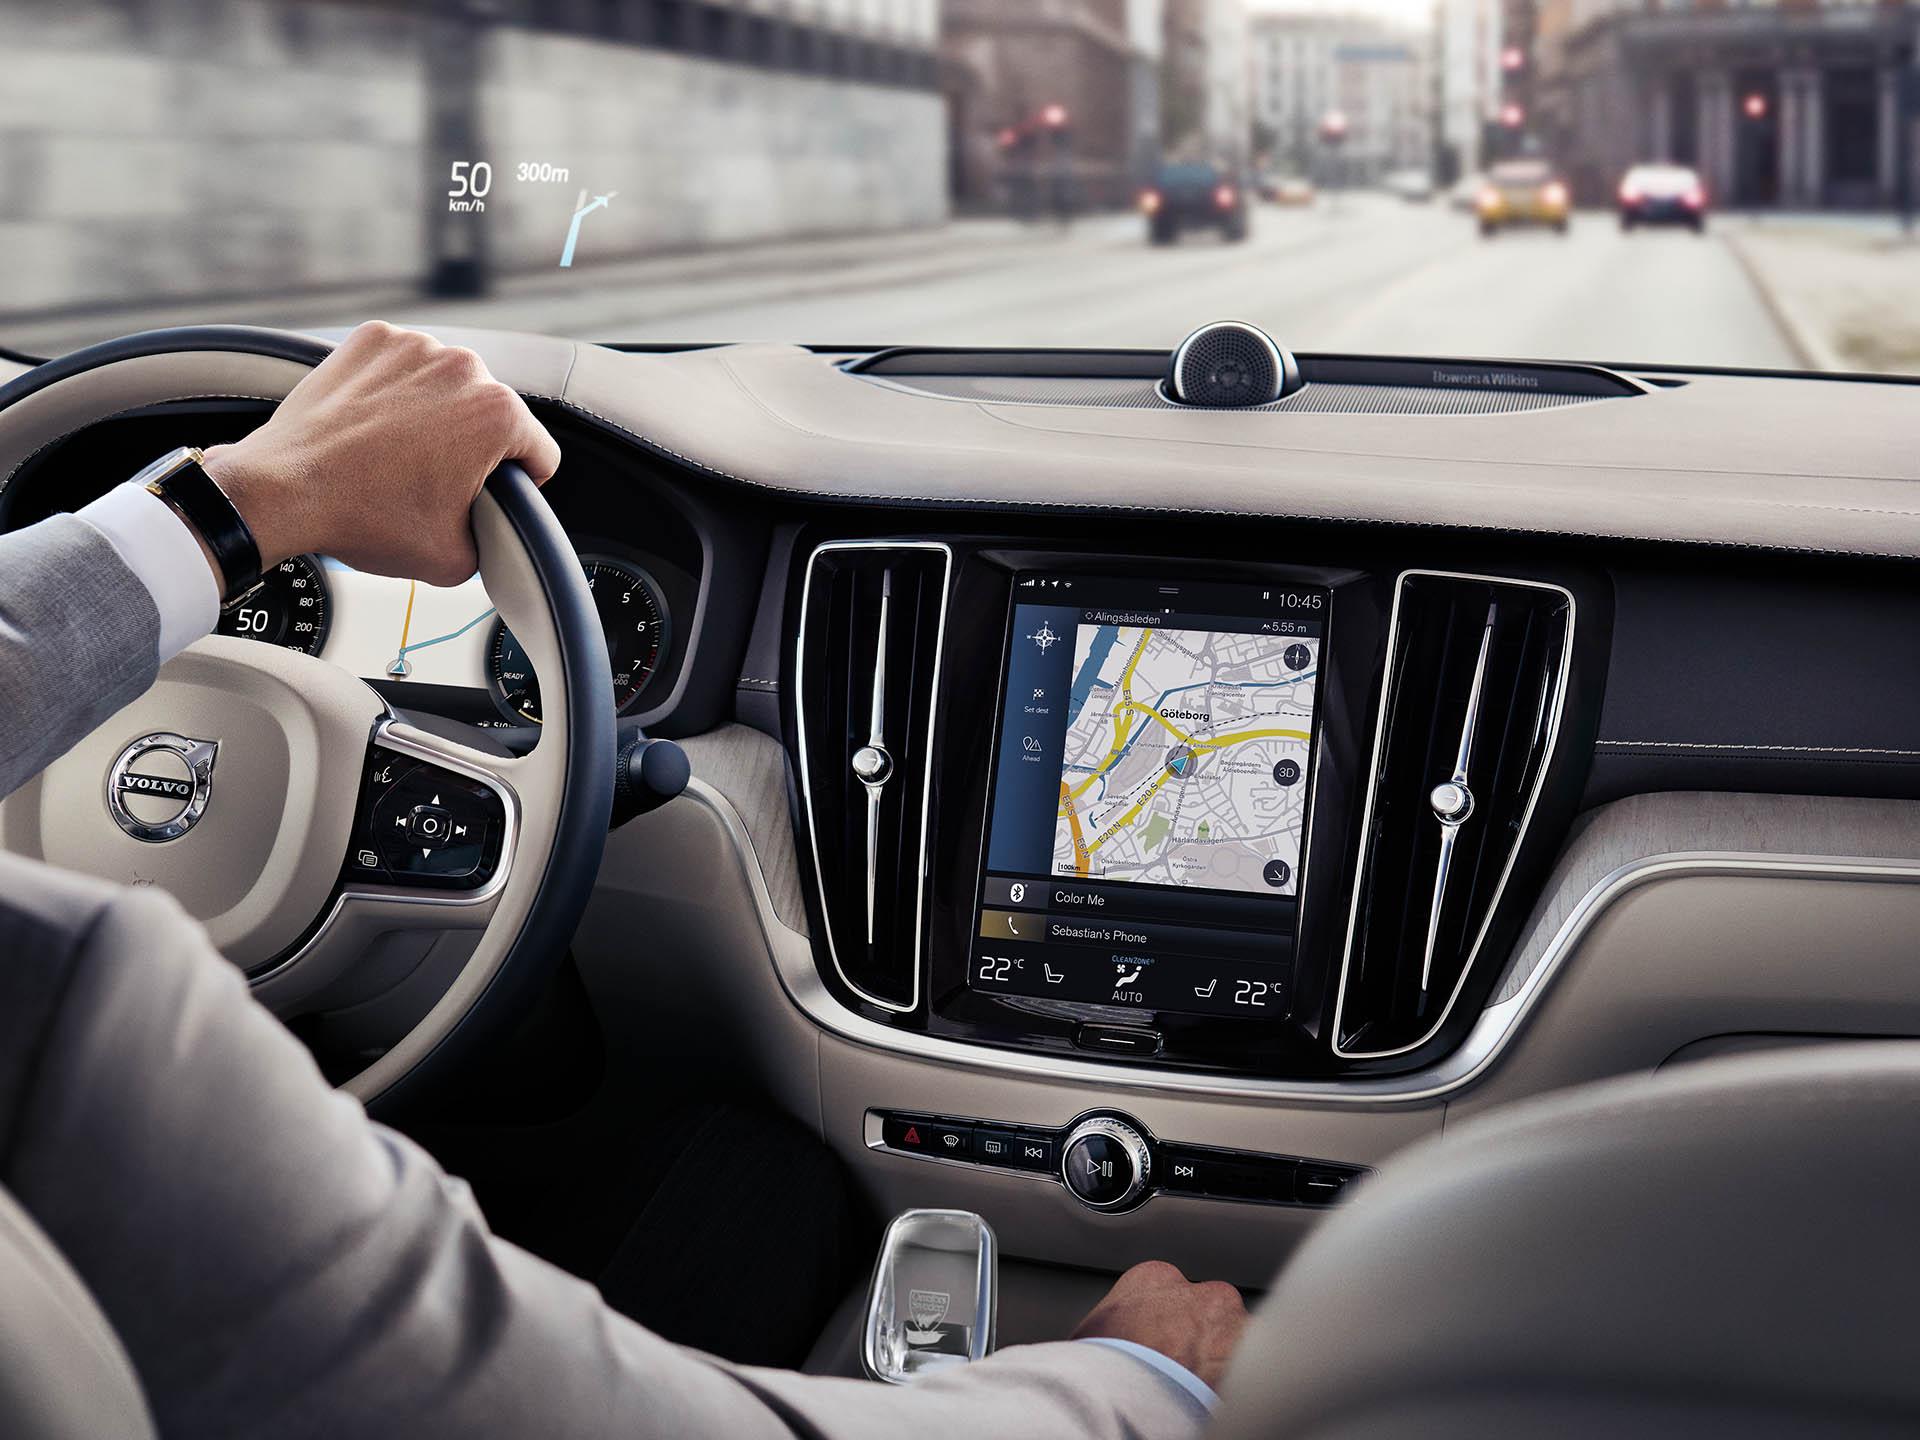 En el interior de un Volvo sedán, un hombre conduce por la carretera con ayuda del sistema de navegación